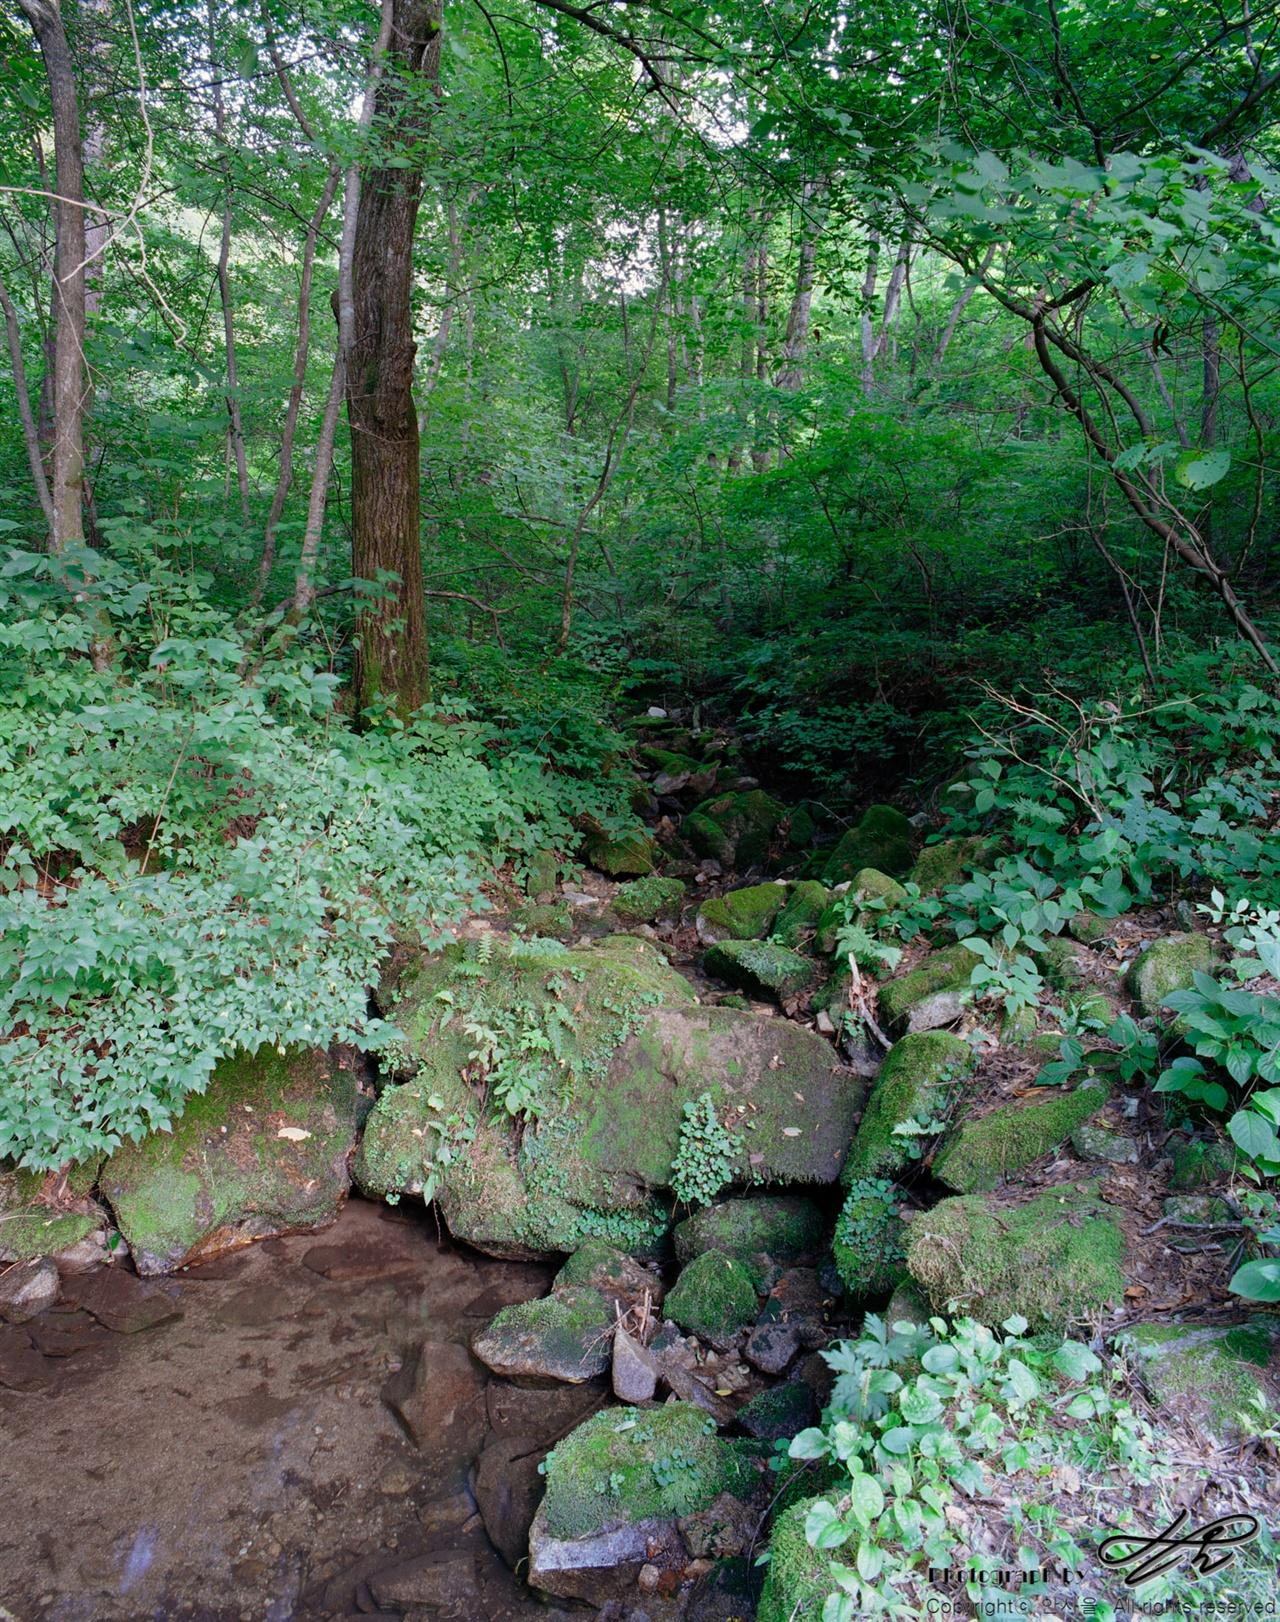 작은 계곡 (6*7중형/Pro400H)유래없는 여름 가뭄에도 이곳에서는 적은 양이라도 끊임없이 맑은 물이 흘러내리고 있었다.